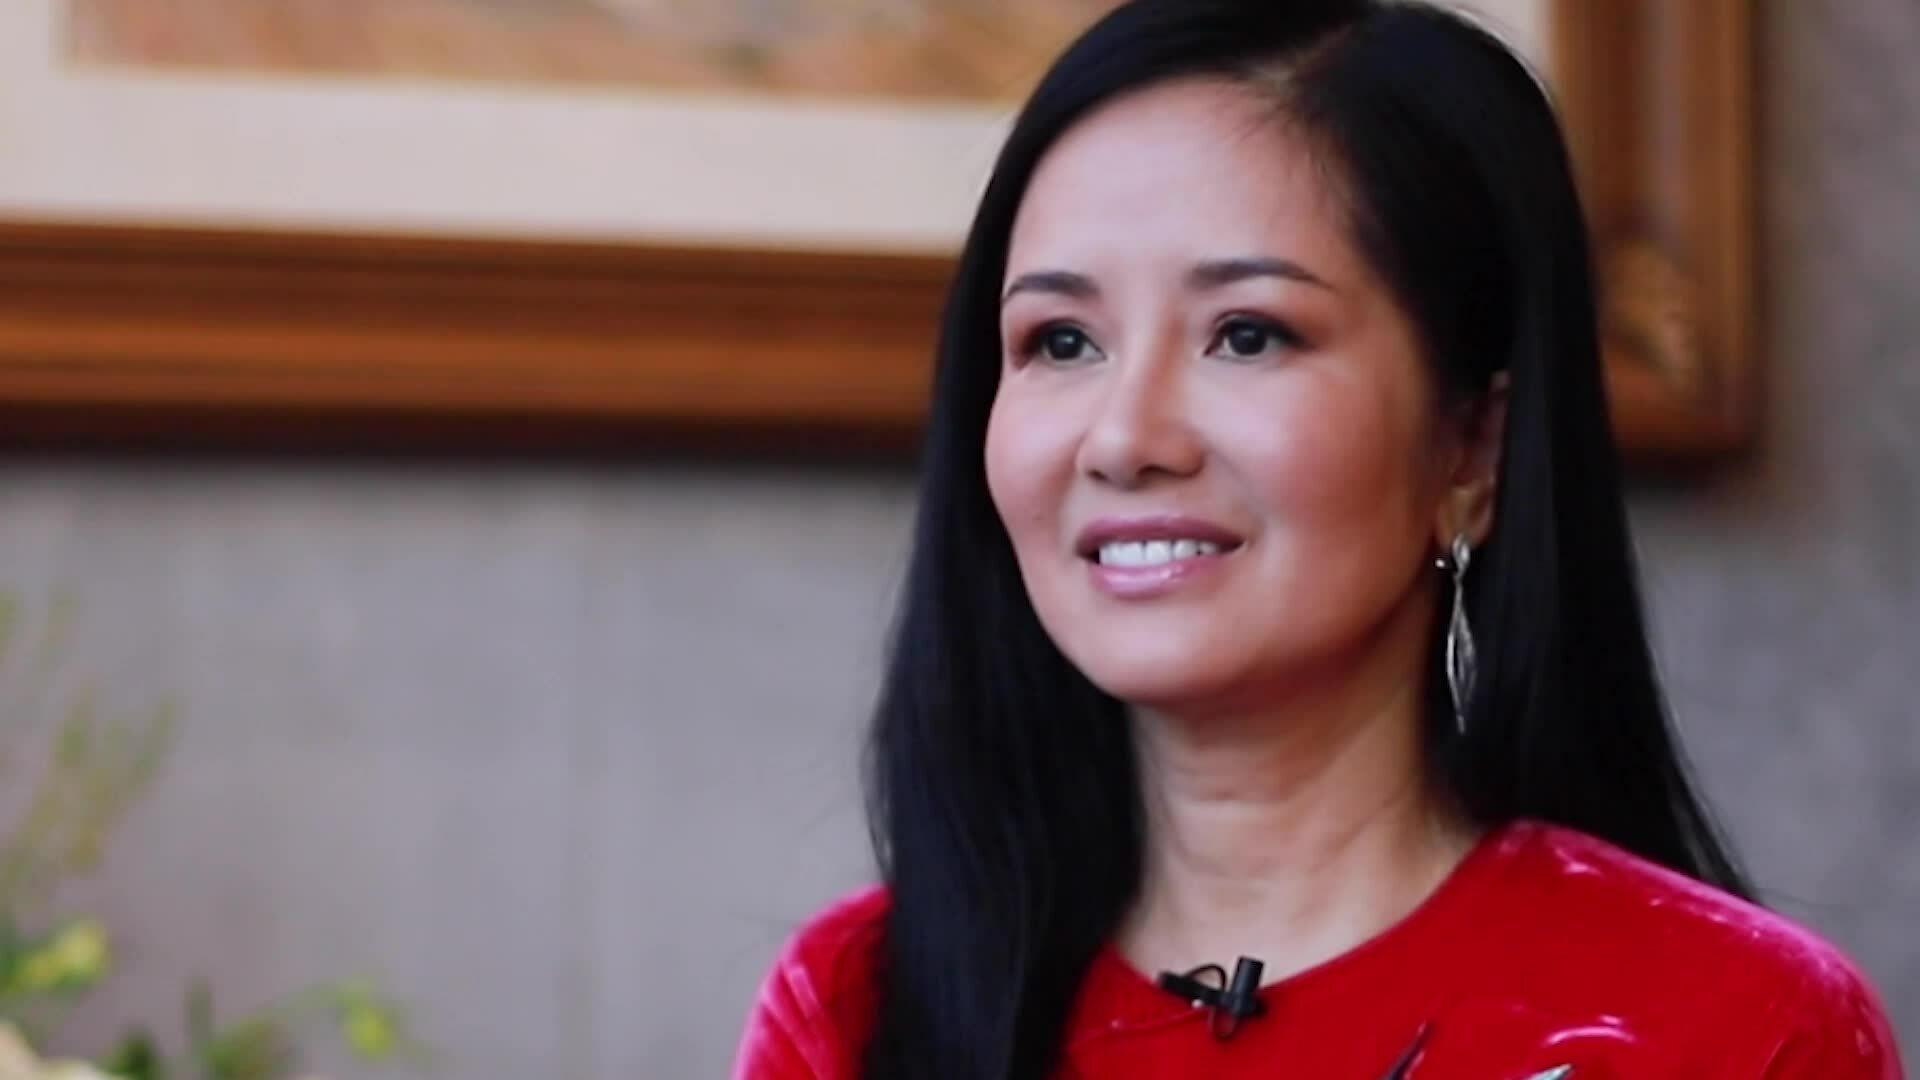 Hồng Nhung: 'Day dứt vì chưa kịp cảm ơn anh Trịnh Công Sơn'